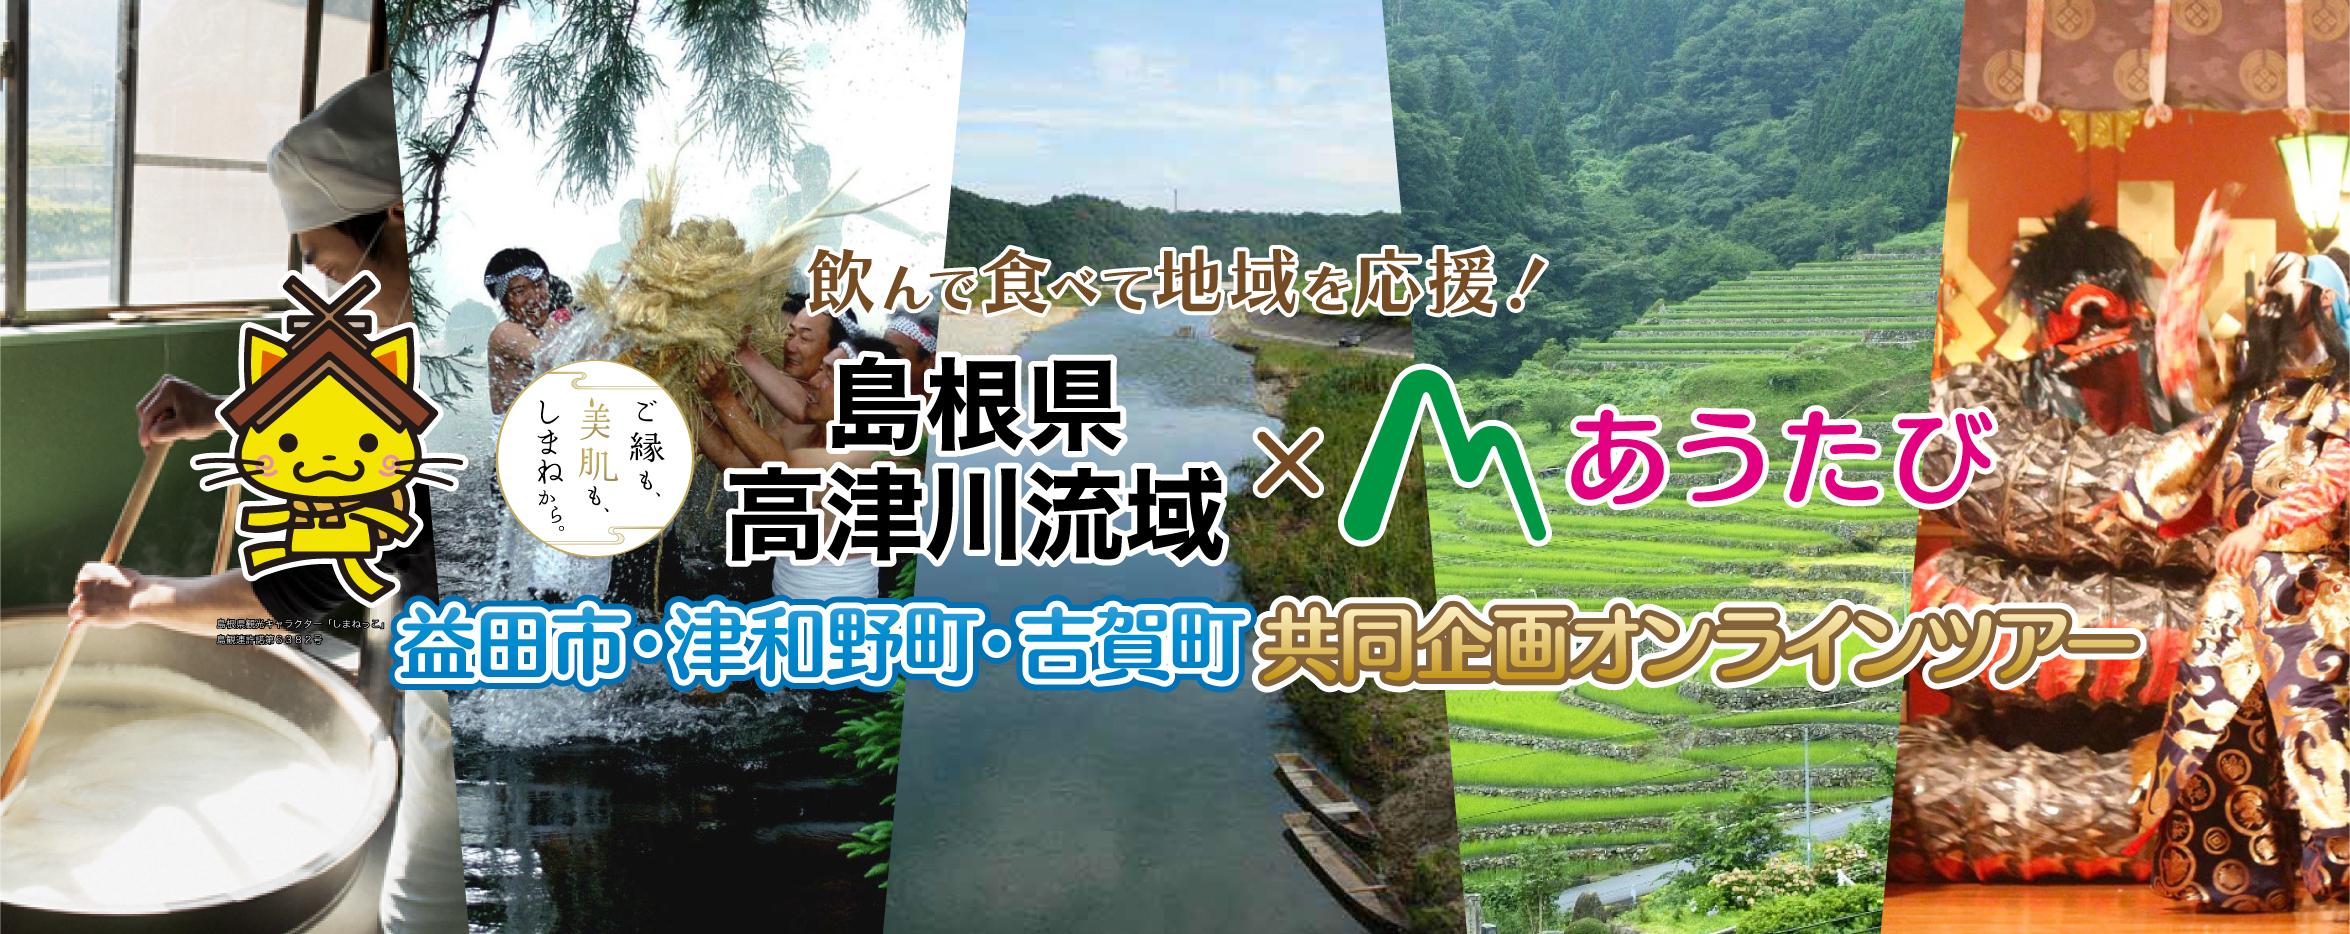 autabi_shimanetakatsu_tour_main_img01_200912